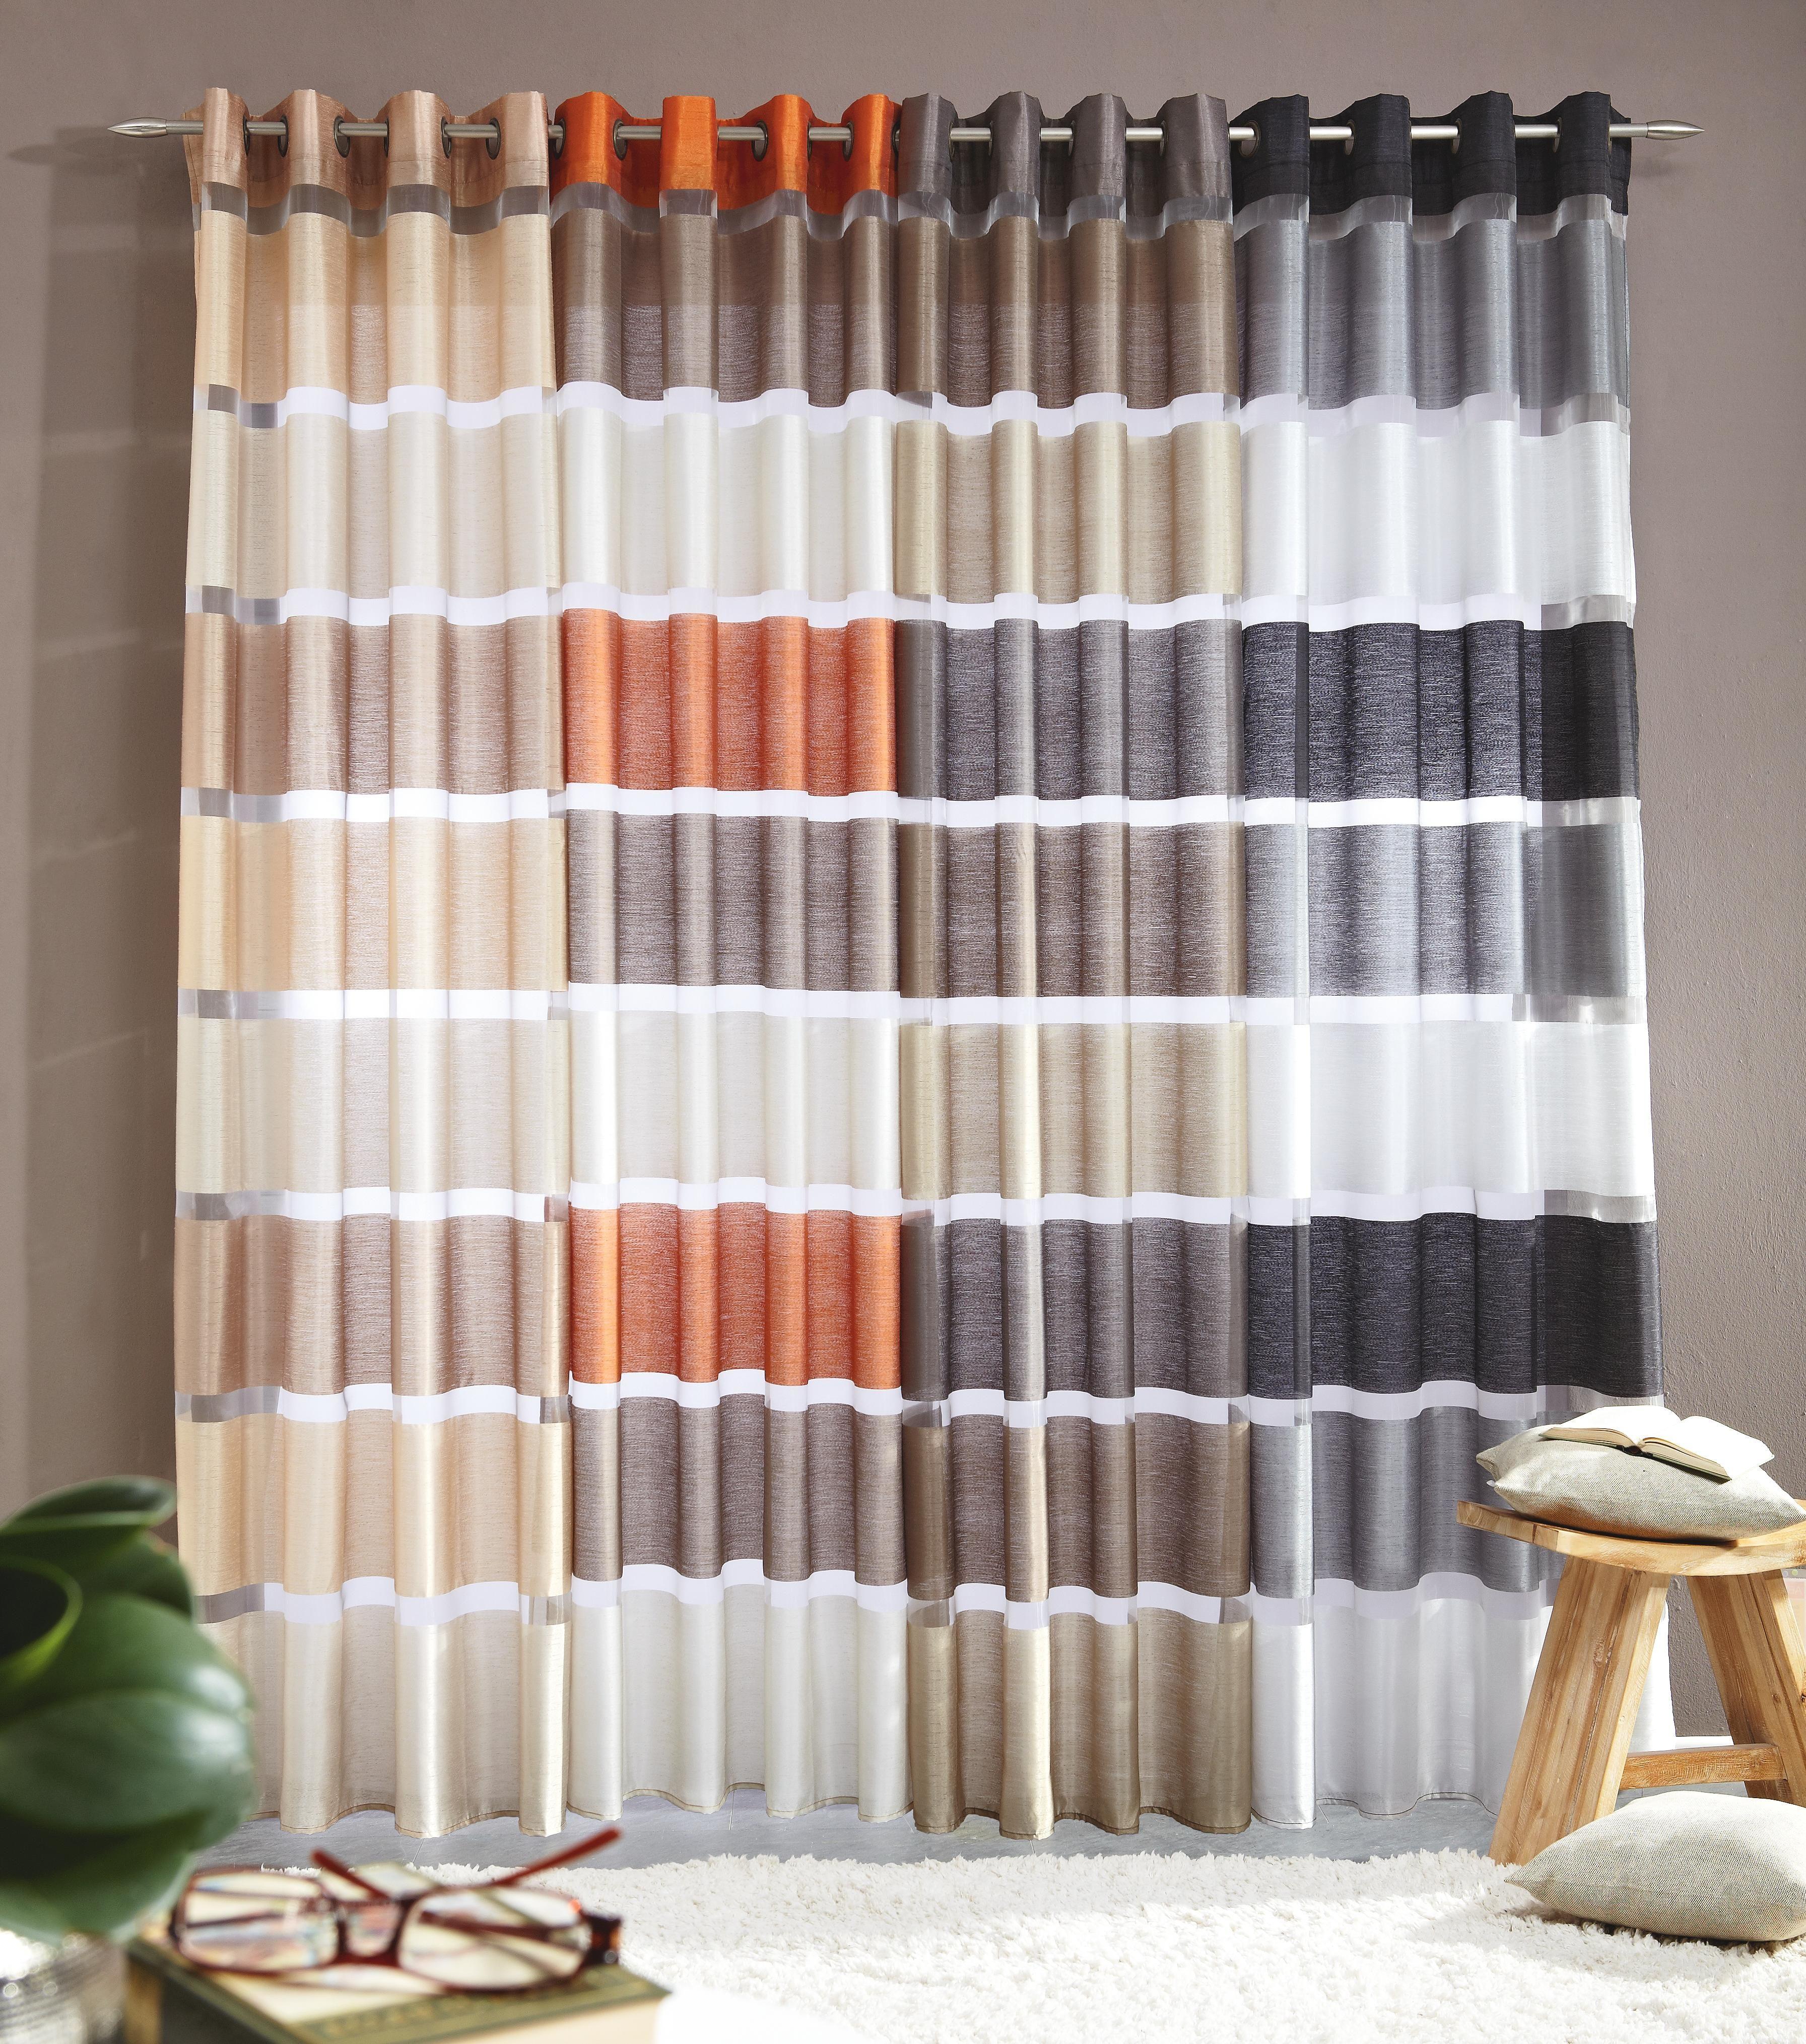 Diese Gardine Taucht Ihr Wohn Oder Schlafzimmer In Frische Farbe Der Vorhang Kommt Aus Polyester Und Polyamid Mit Einem Streif Osenschals Dekoration Gardinen